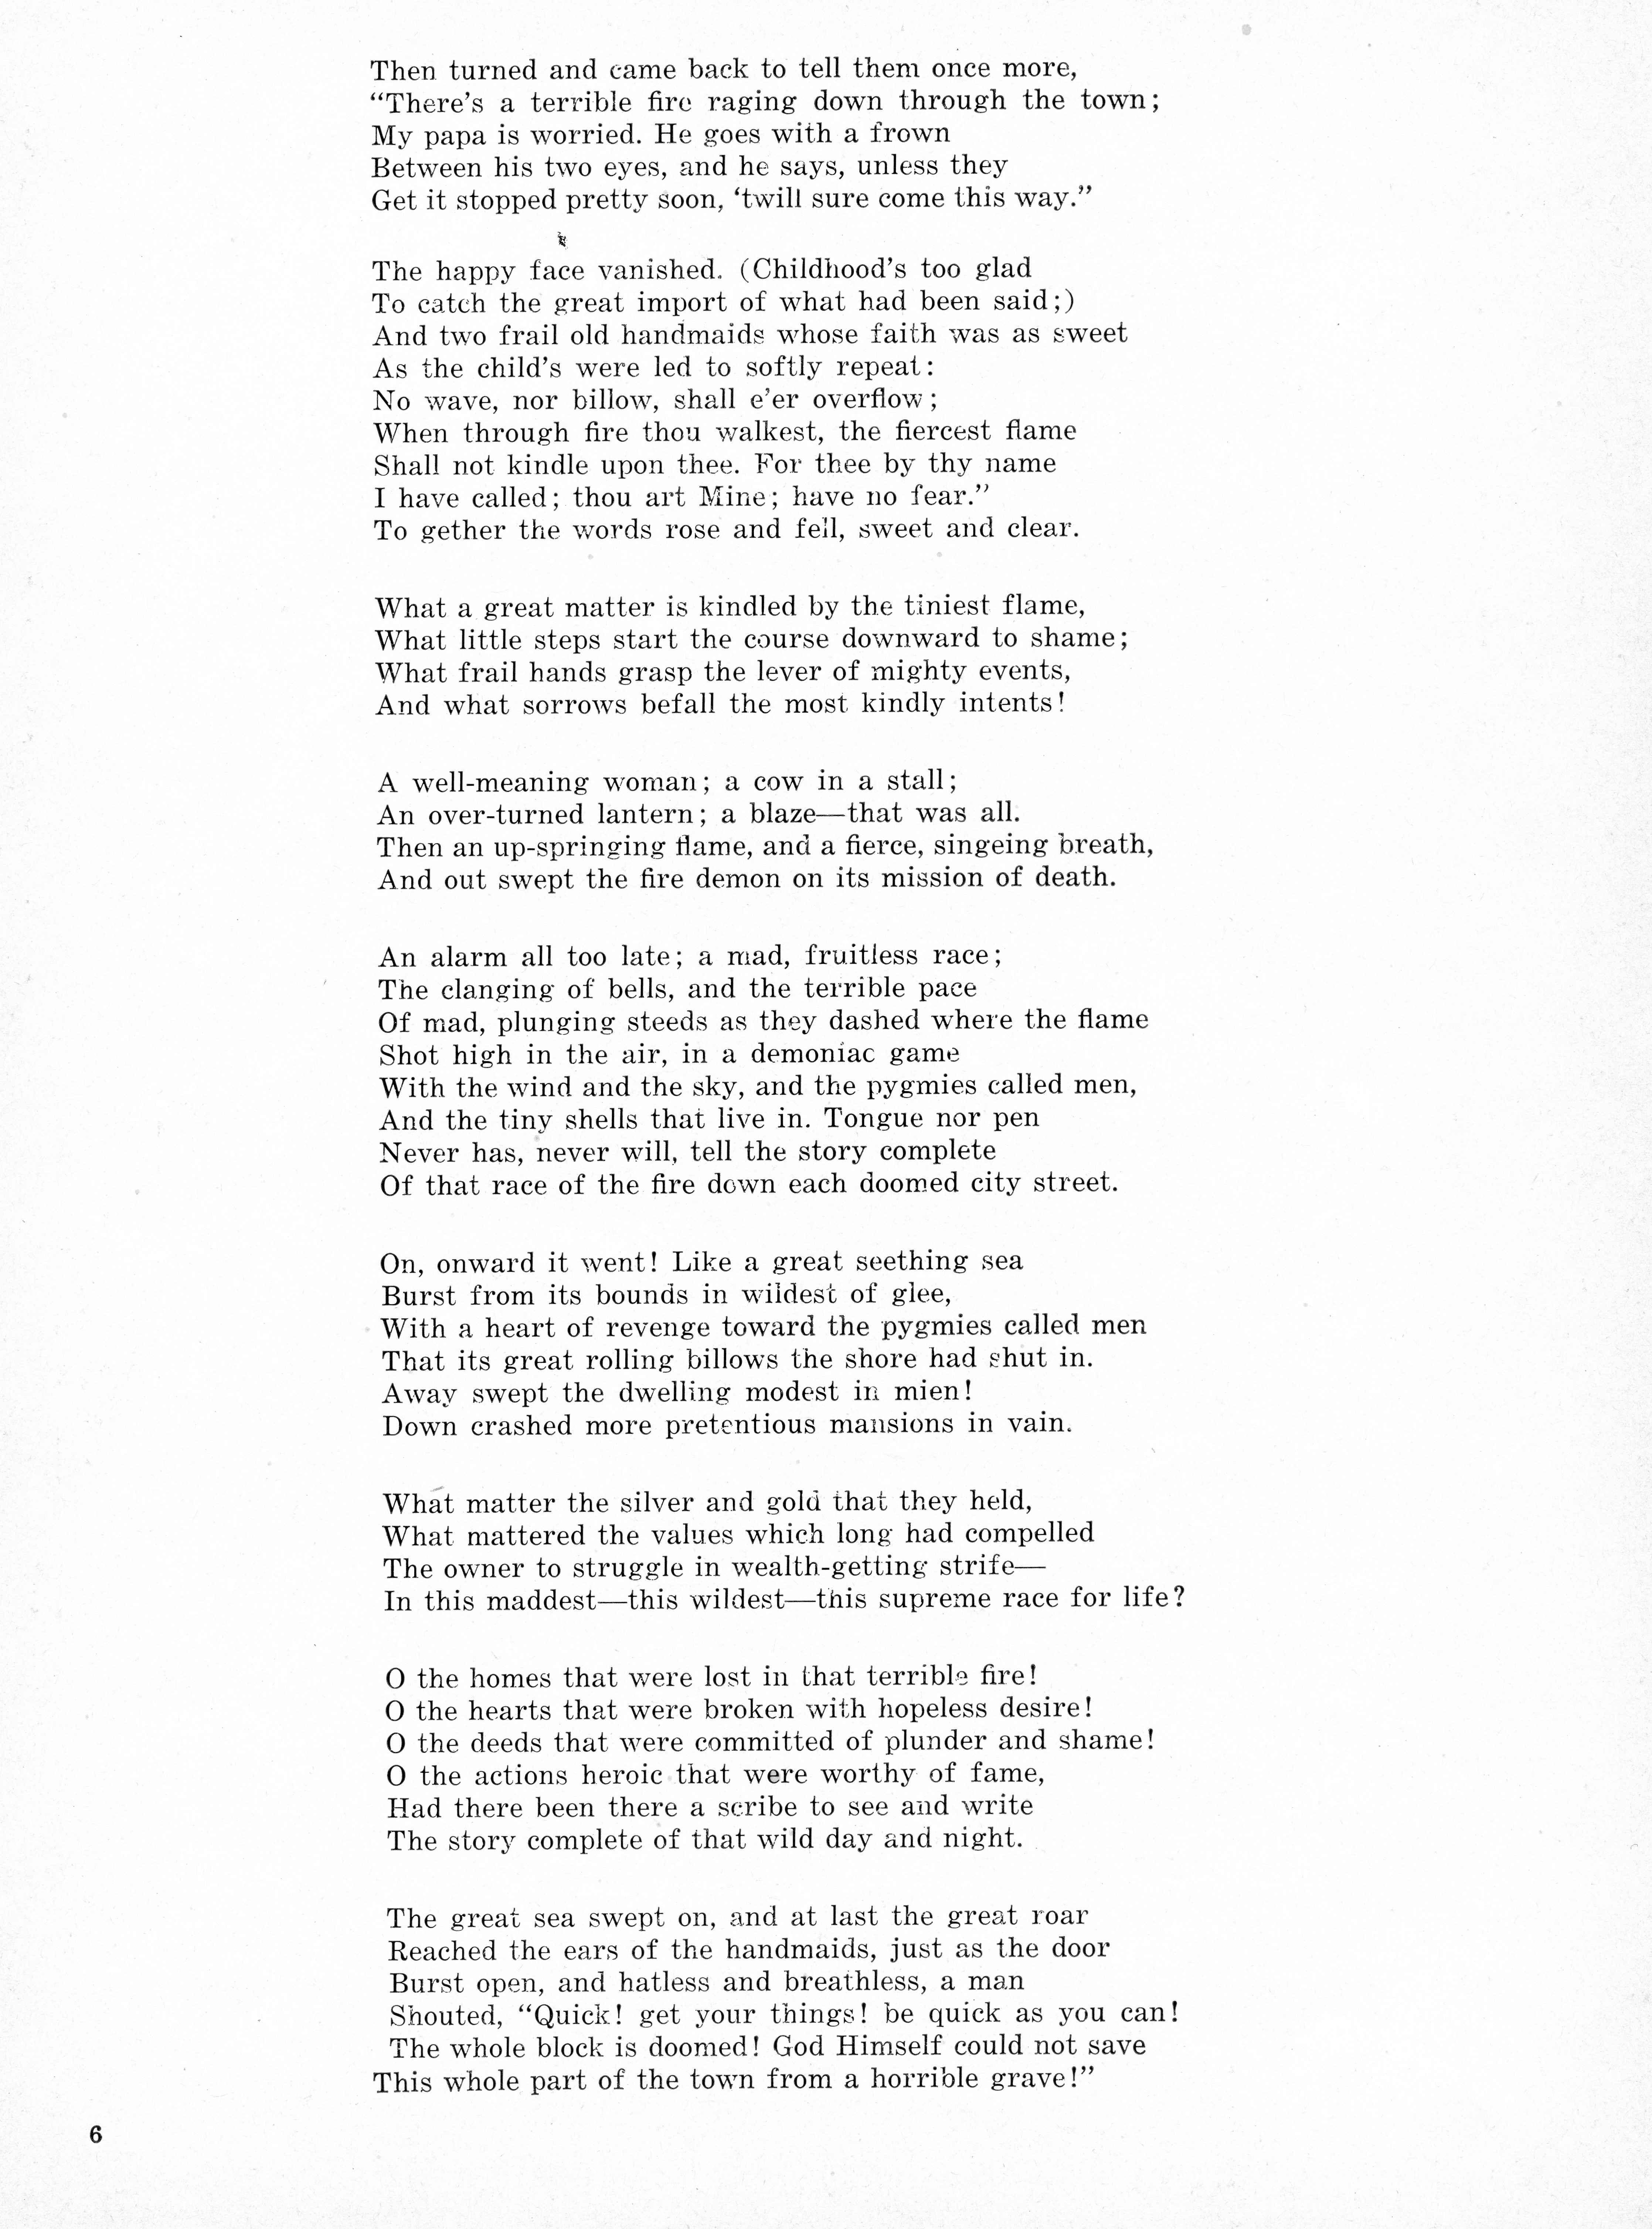 Bread of Life - October, 1962